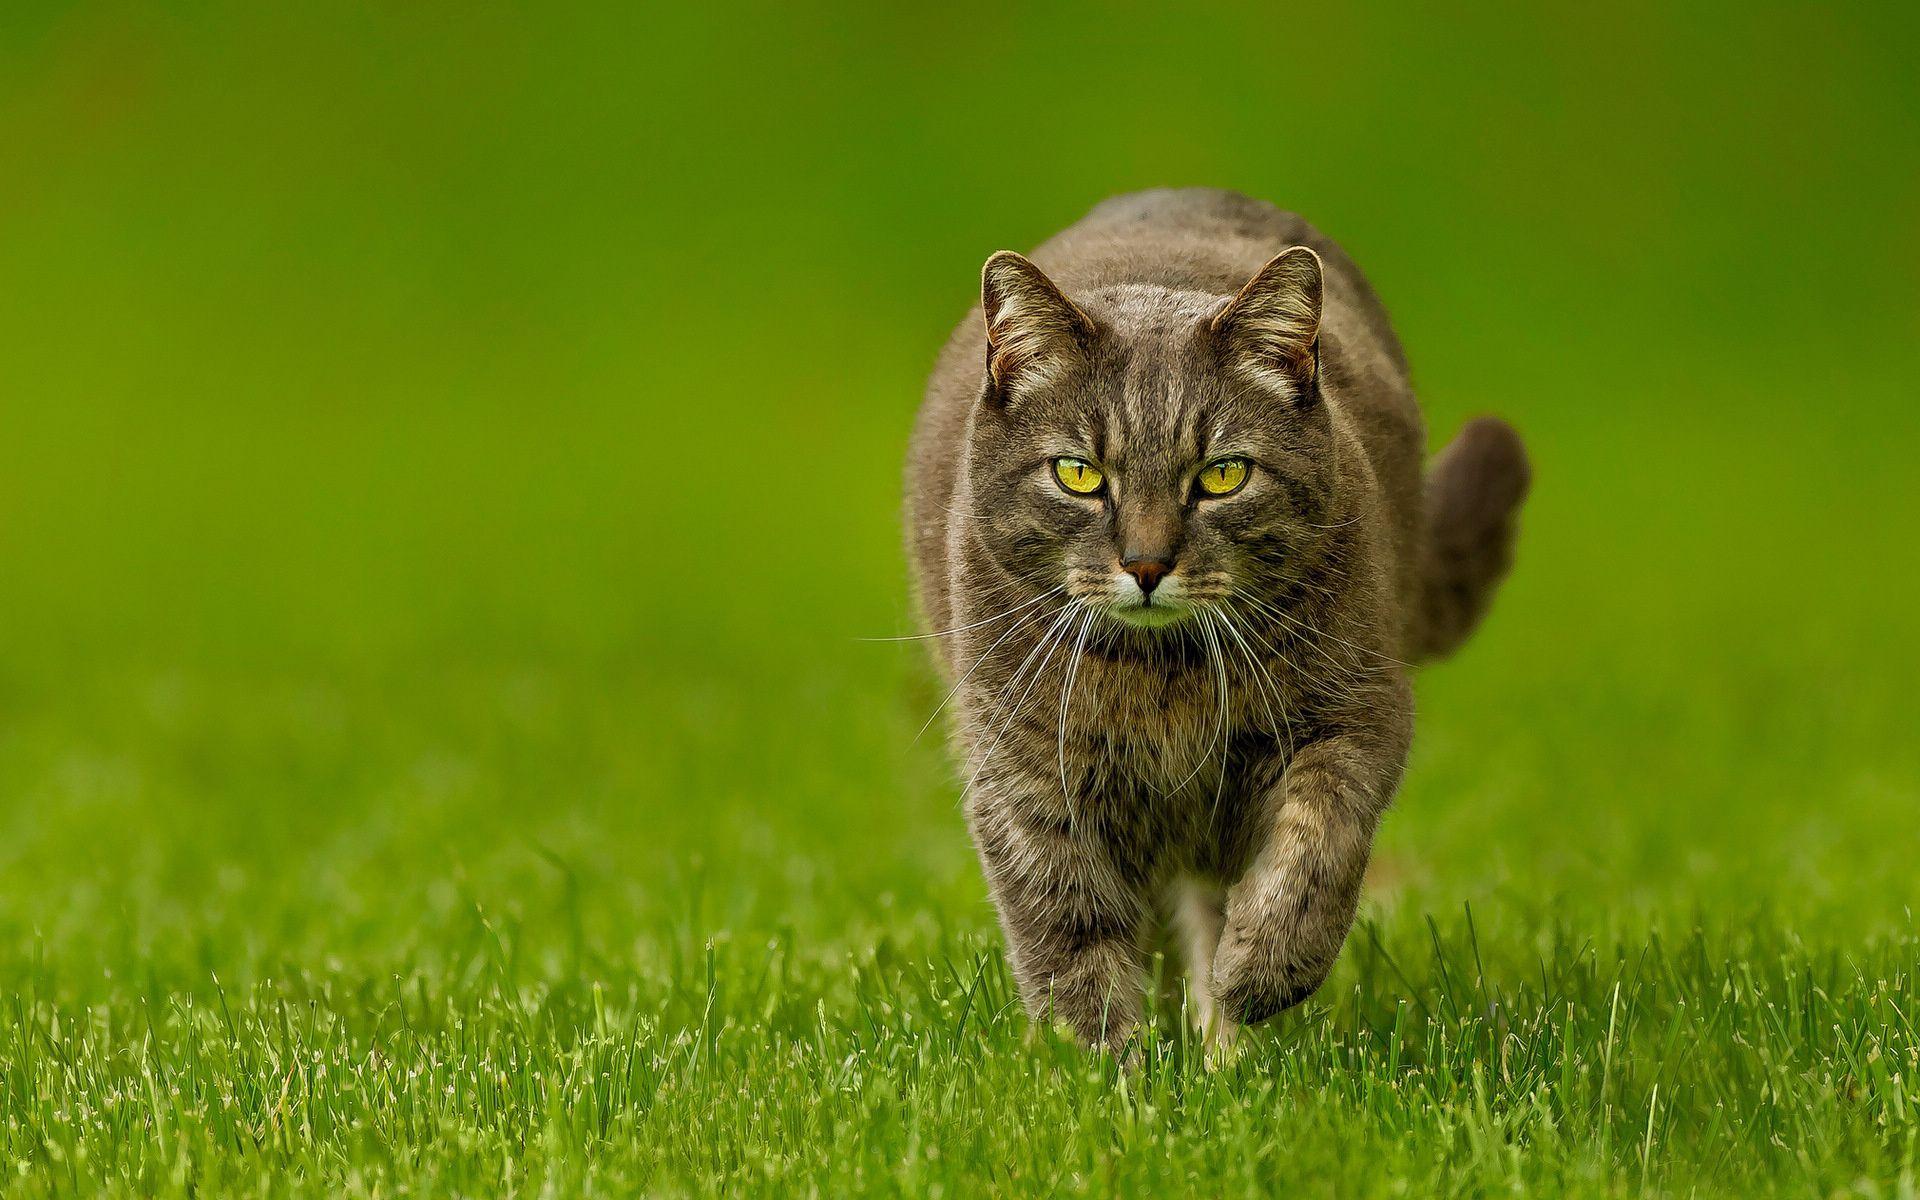 91520 скачать обои Природа, Животные, Зелень, Весна, Кот, Газон, Кошка - заставки и картинки бесплатно